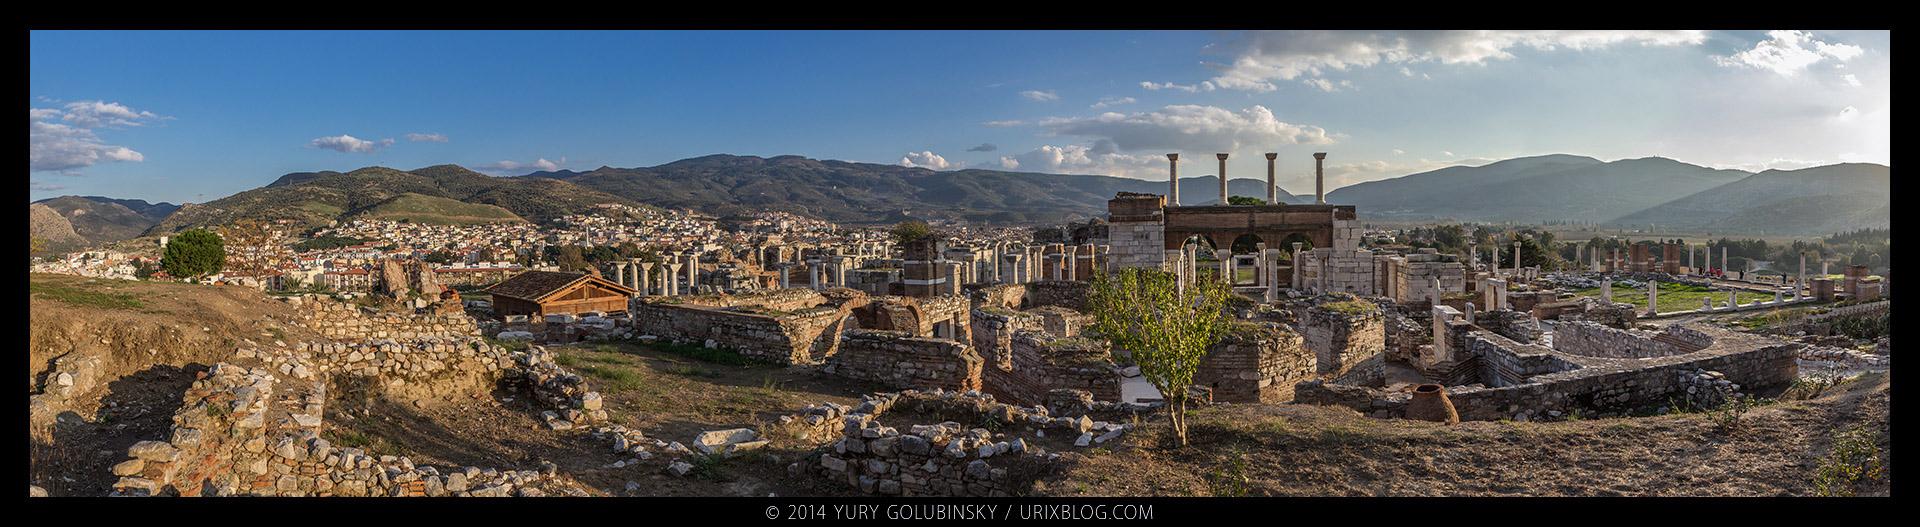 Церковь, Аясулук, Айасулук, крепость, замок, холм, Эгейское море, Сельчук, Измир, Турция, старинный, средневековый, руины, раскопки, панорама, 2014